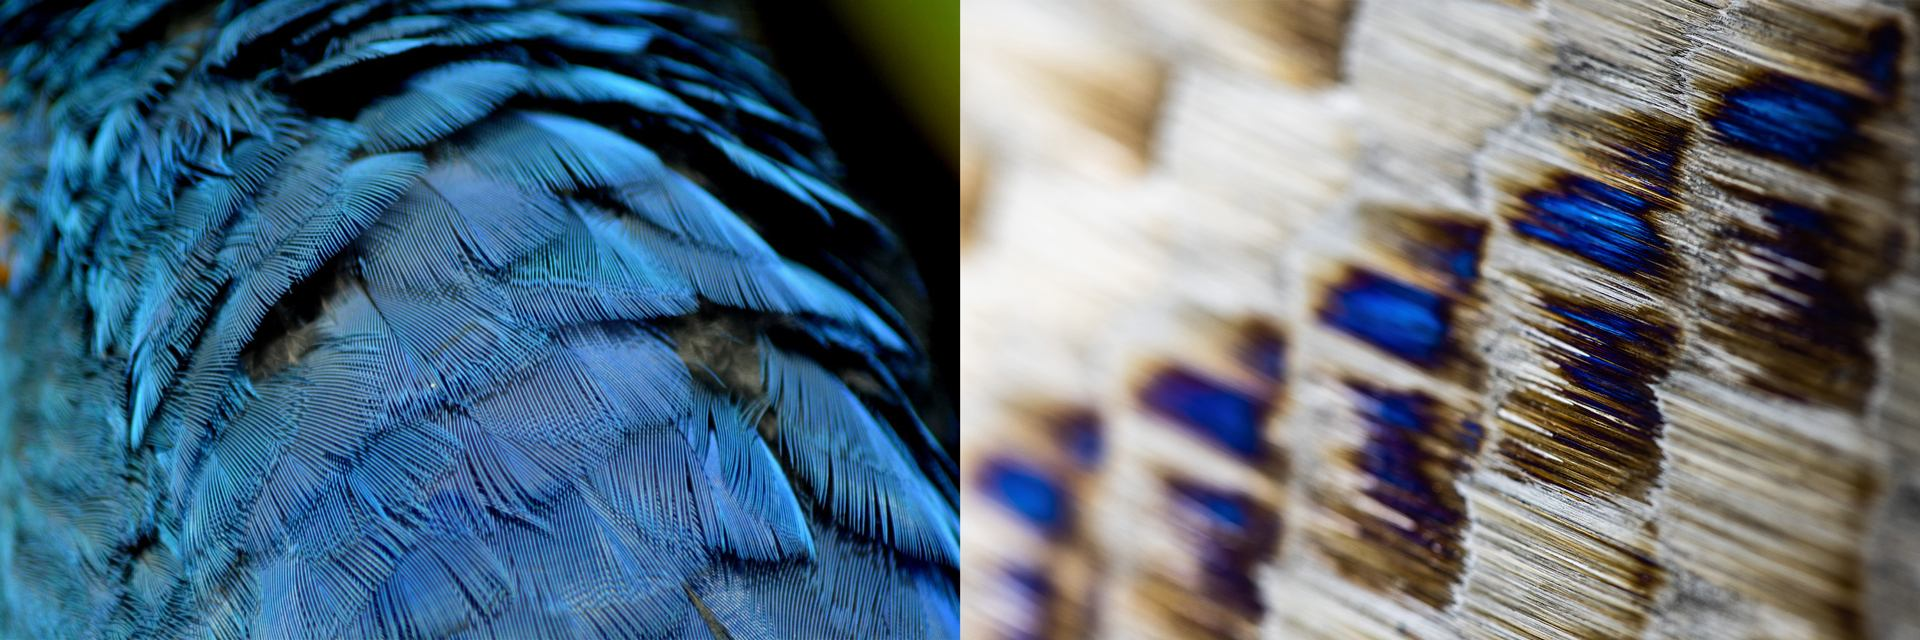 19 (perroquet).jpg